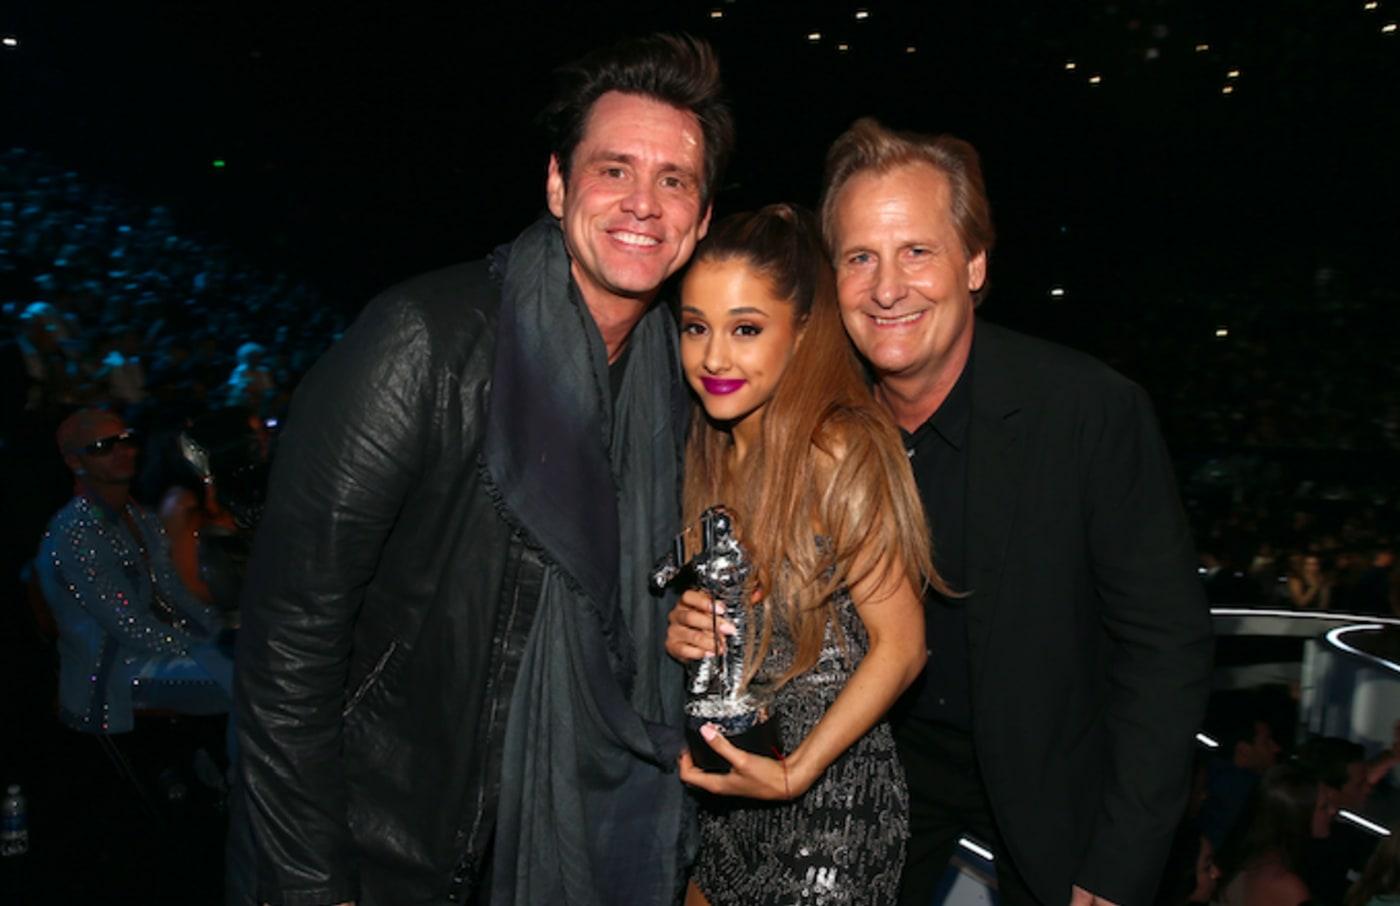 Ariana Grande and Jim Carrey